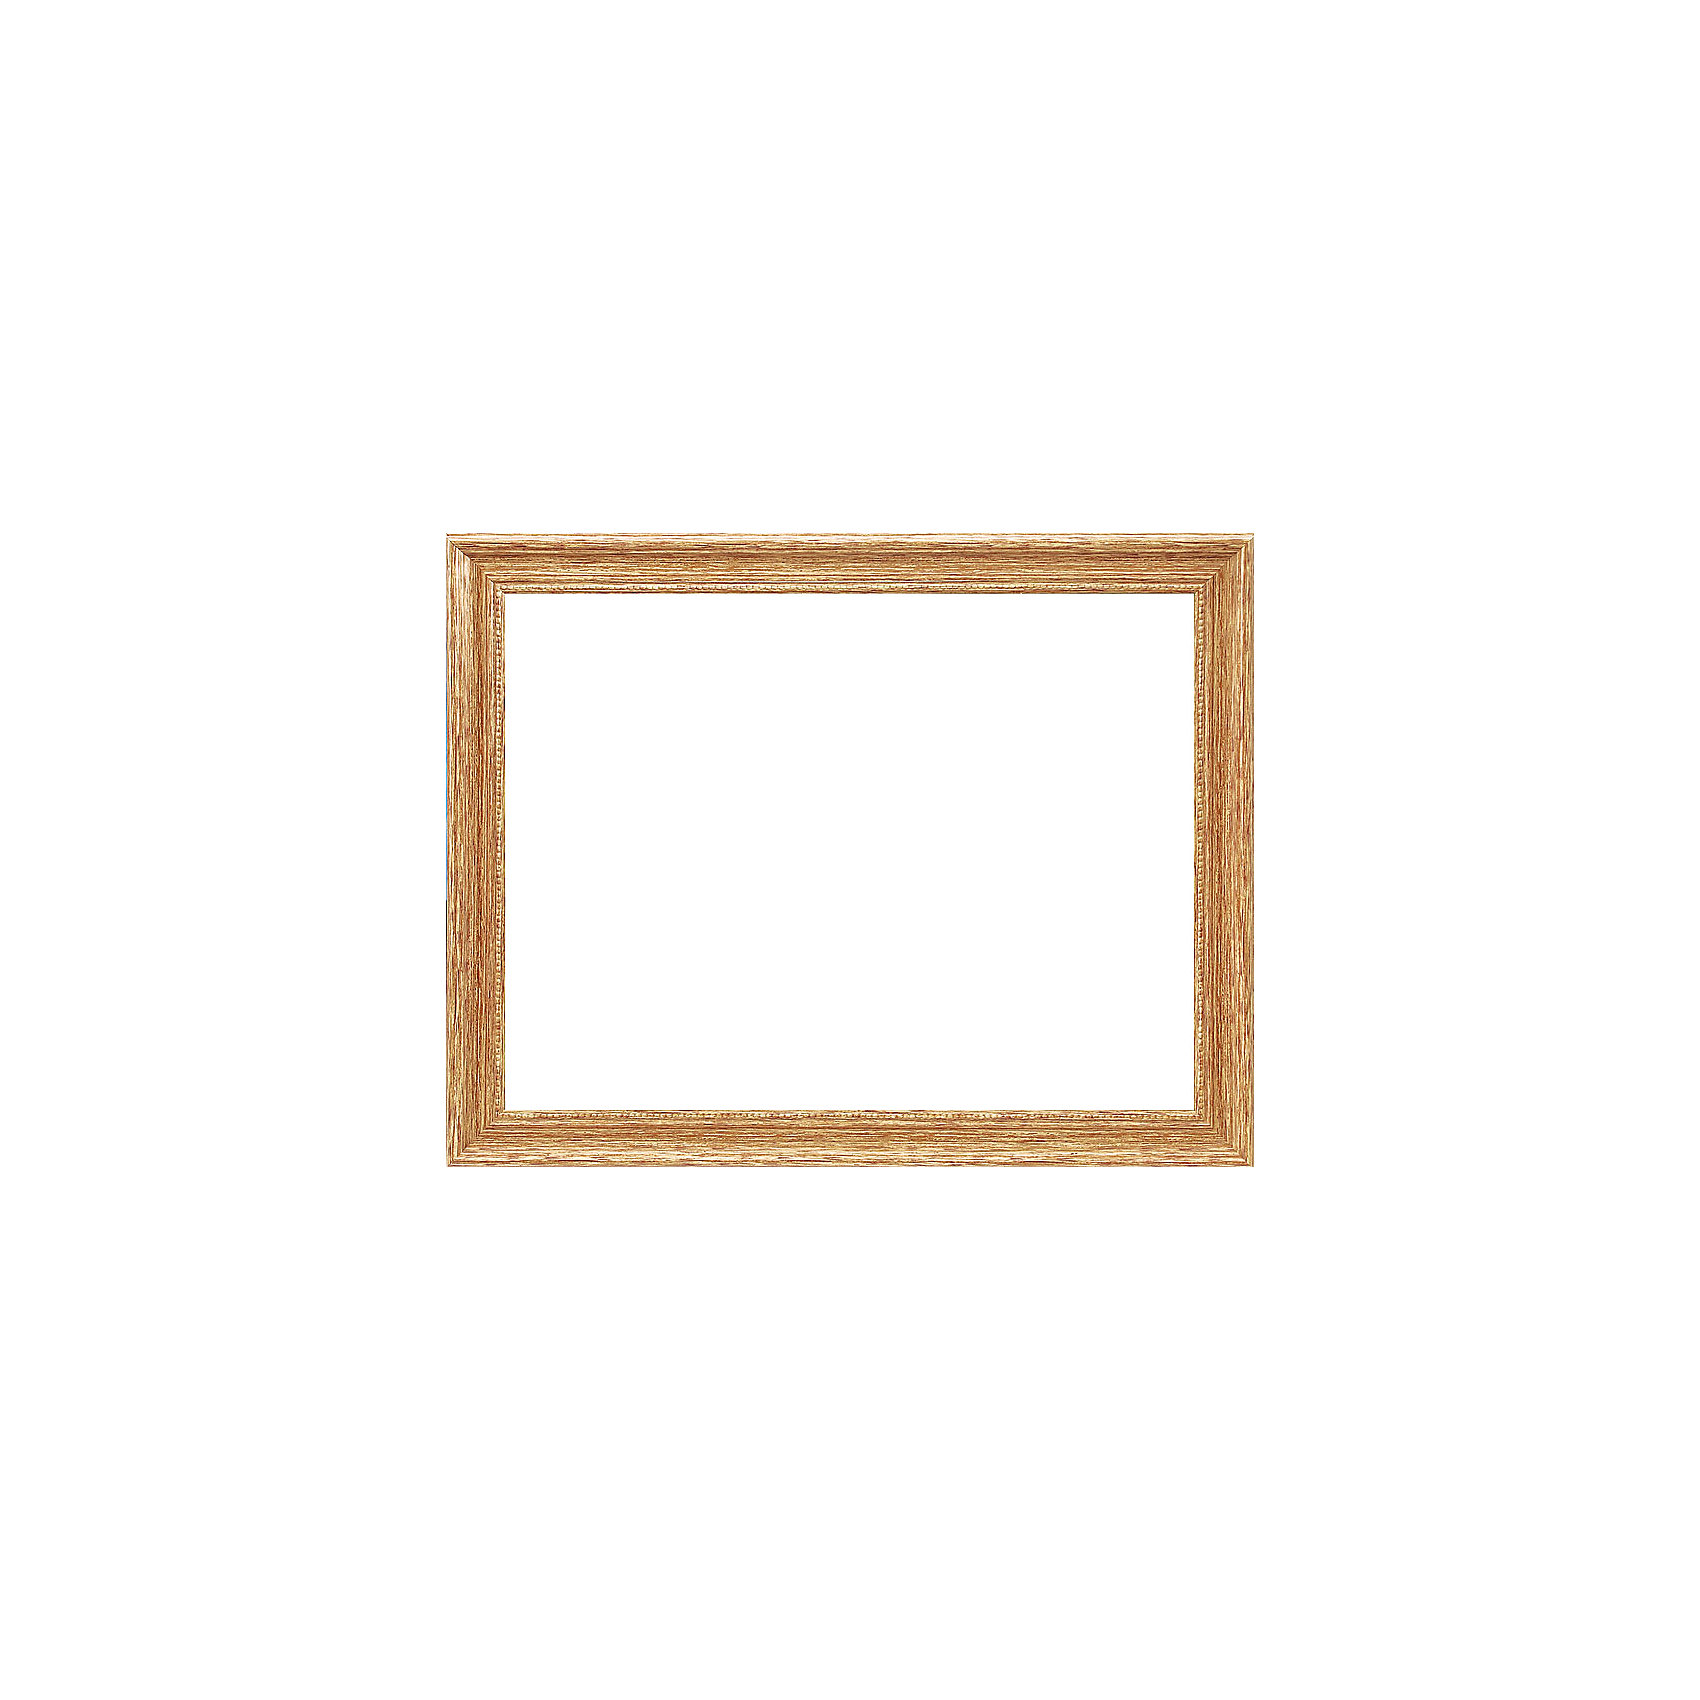 Багетная рама для картин 30х40см 1006-BL Holly (золотой) БелоснежкаАксессуары для творчества<br>Характеристики товара:<br><br>• возраст: от 12 лет;<br>• материал: пластик;<br>• размер для картин: 30х40х2 см.;<br>• цвет: бежевый;<br>• сечение: 2х3,5 см;<br>• вес: 540 гр.;<br>• бренд: Белоснежка;<br>• страна бренда: Россия;<br>• страна производства: Китай.<br>                                                                                                                                                                                                                                                                                                                       Багетная рама «1006-BL Holly (золотой)»  - предназначена для оформления картин, вышивок и фотографий. Оформленное изделие всегда становится более выразительным и гармоничным и придает красивый законченный вид вашей работе. От подбора багета зависит как картина будет выглядеть на стене, станет ярким акцентом или оттенит существующий интерьер                             <br><br>Комплектация:<br>• багетная рама; <br>• крепление на раму - 2 шт;<br>• дополнительный держатель для холста;<br>• подложка из оргалита;<br>• инструкция.<br><br>Инструкция по использованию:<br>• снимите внешнюю упаковку;<br>• сзади на раме отогните металлические крепления и выньте оргалитовый лист-заглушку;<br>• вставьте готовую картину в раму.<br> <br>Внимание: при установке в раму картин на холсте следует учесть, что толщина подрамника больше толщины рамы и сзади будет выступать, рекомендуем дополнительно зафиксировать картину клеем, лист-заглушку в этом случае не вставляют.     <br><br>Багетная рама «1006-BL Holly (золотой)»,30х40 см, Белоснежка  можно купить в нашем интернет-магазине.<br><br>Ширина мм: 335<br>Глубина мм: 435<br>Высота мм: 20<br>Вес г: 542<br>Возраст от месяцев: 72<br>Возраст до месяцев: 2147483647<br>Пол: Унисекс<br>Возраст: Детский<br>SKU: 6997978